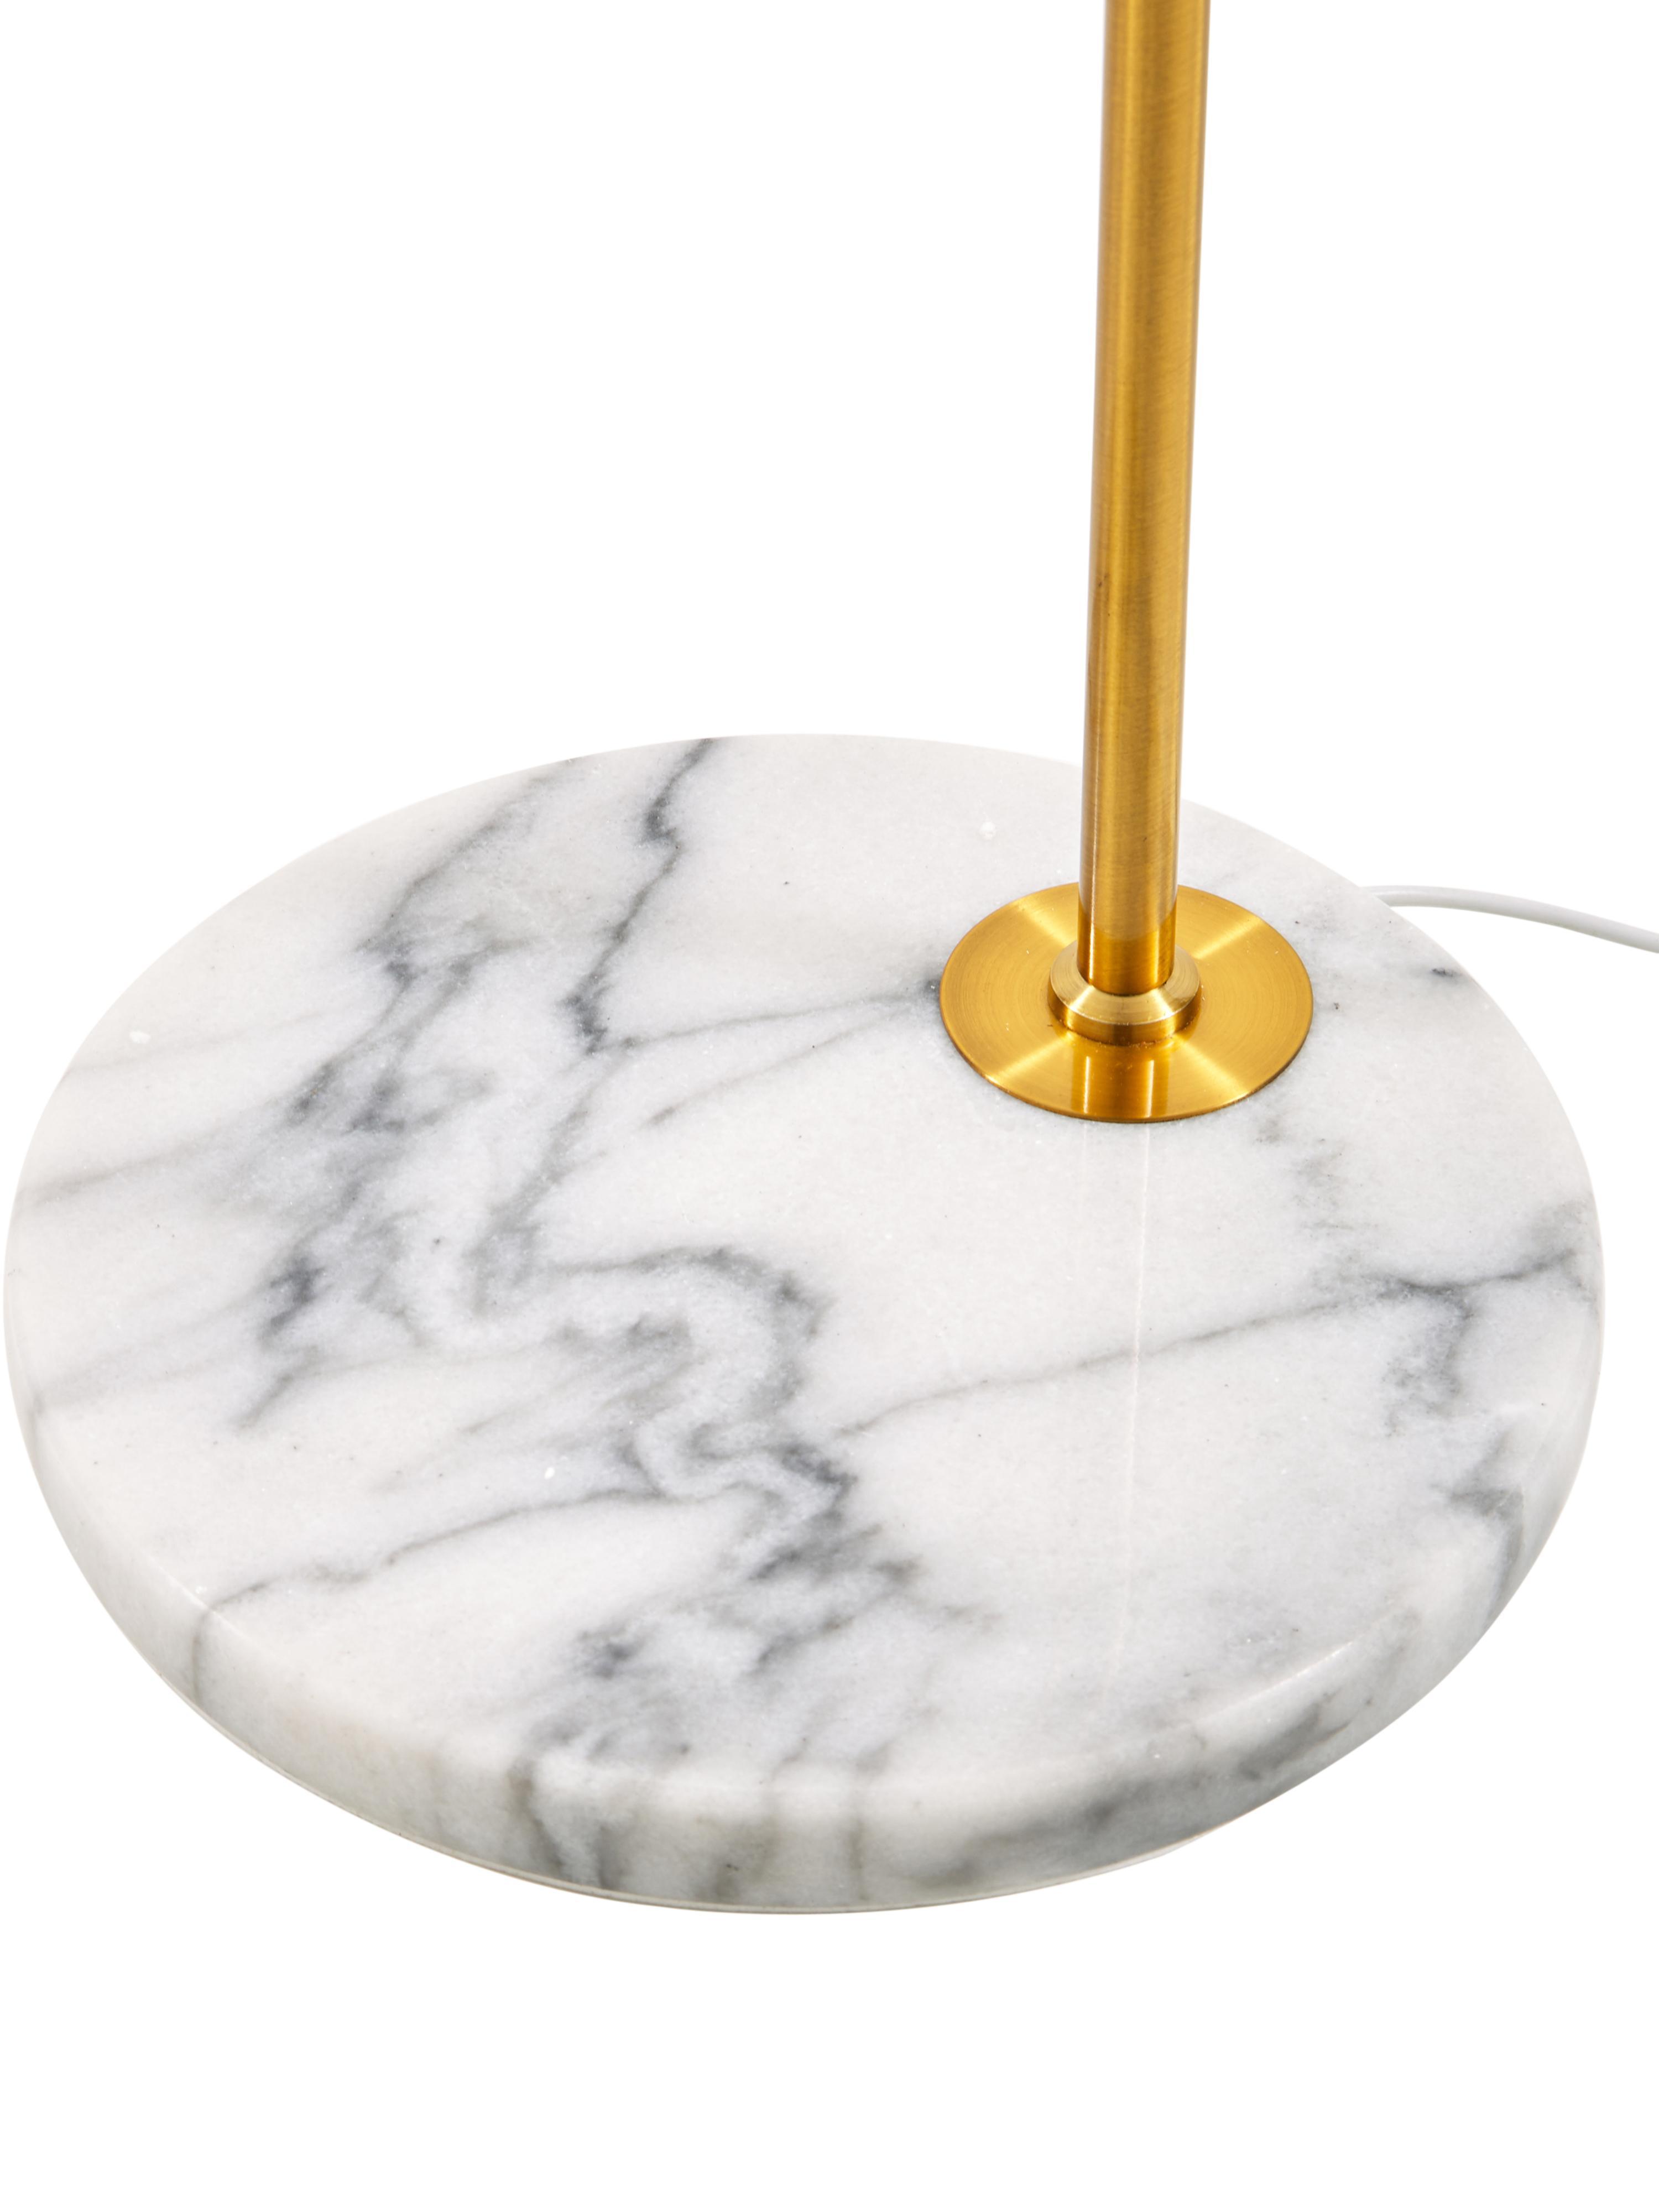 Stehlampe Montreal mit Marmorfuss, Lampenschirm: Textil, Gestell: Metall, galvanisiert, Weiss, Goldfarben, Ø 35 x H 155 cm